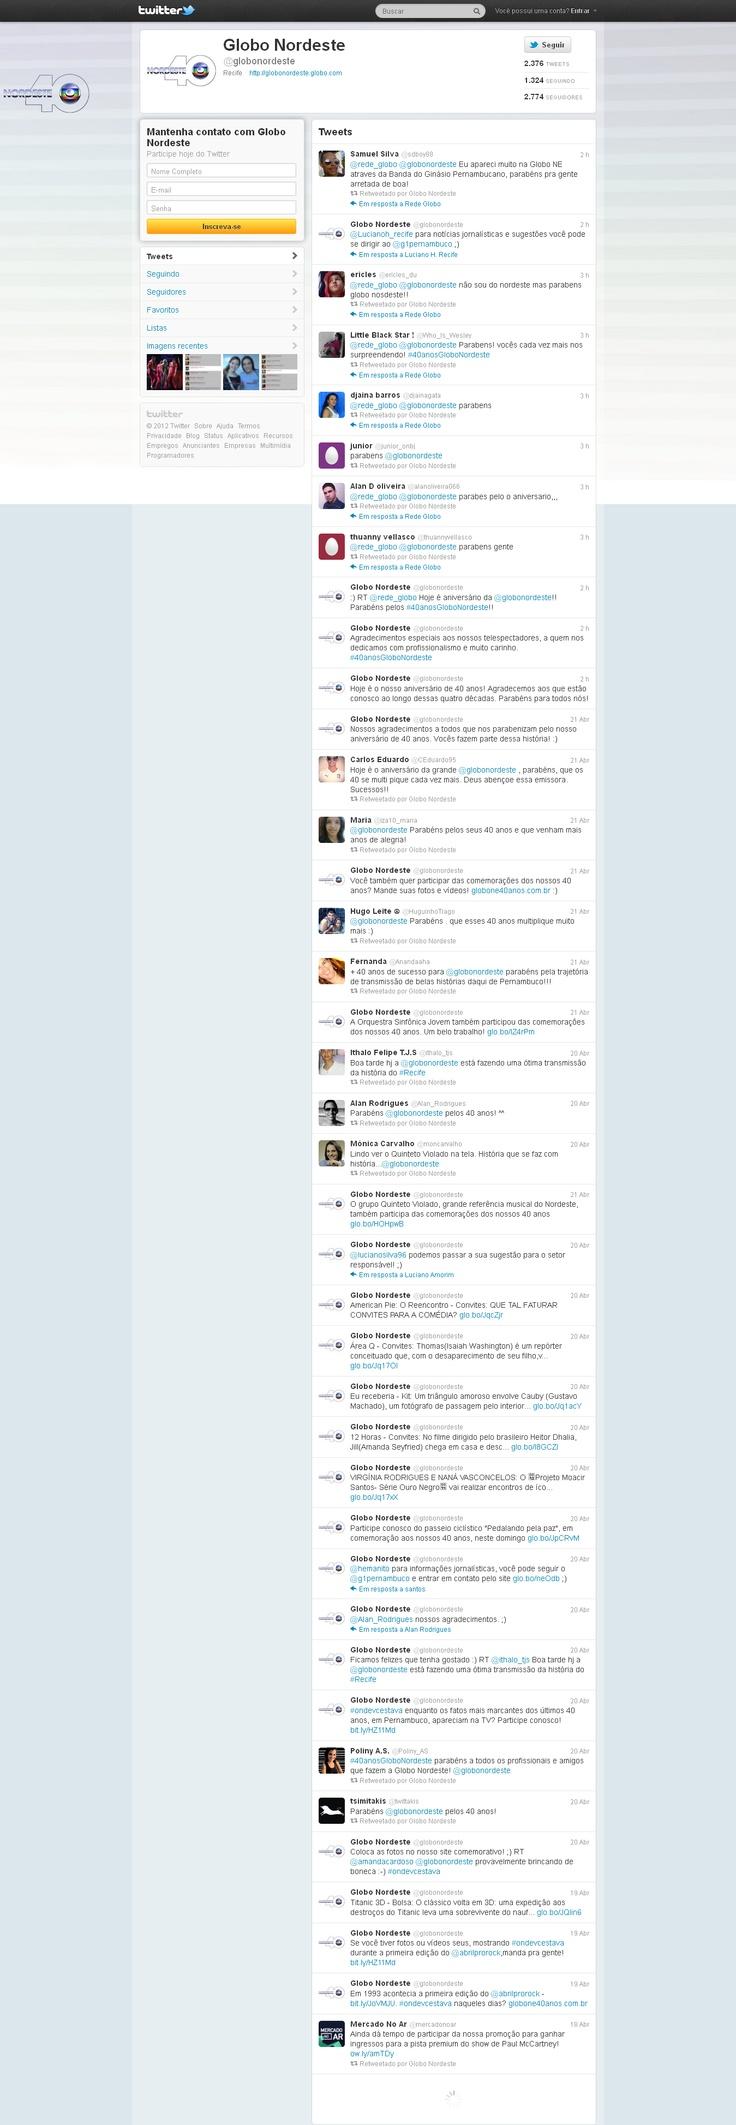 Globo Nordeste - responsável pelo conteúdo, no Twitter, da Globo Nordeste (desde abril/2012), período de comemoração dos 40 anos de sua existência  *Fishy